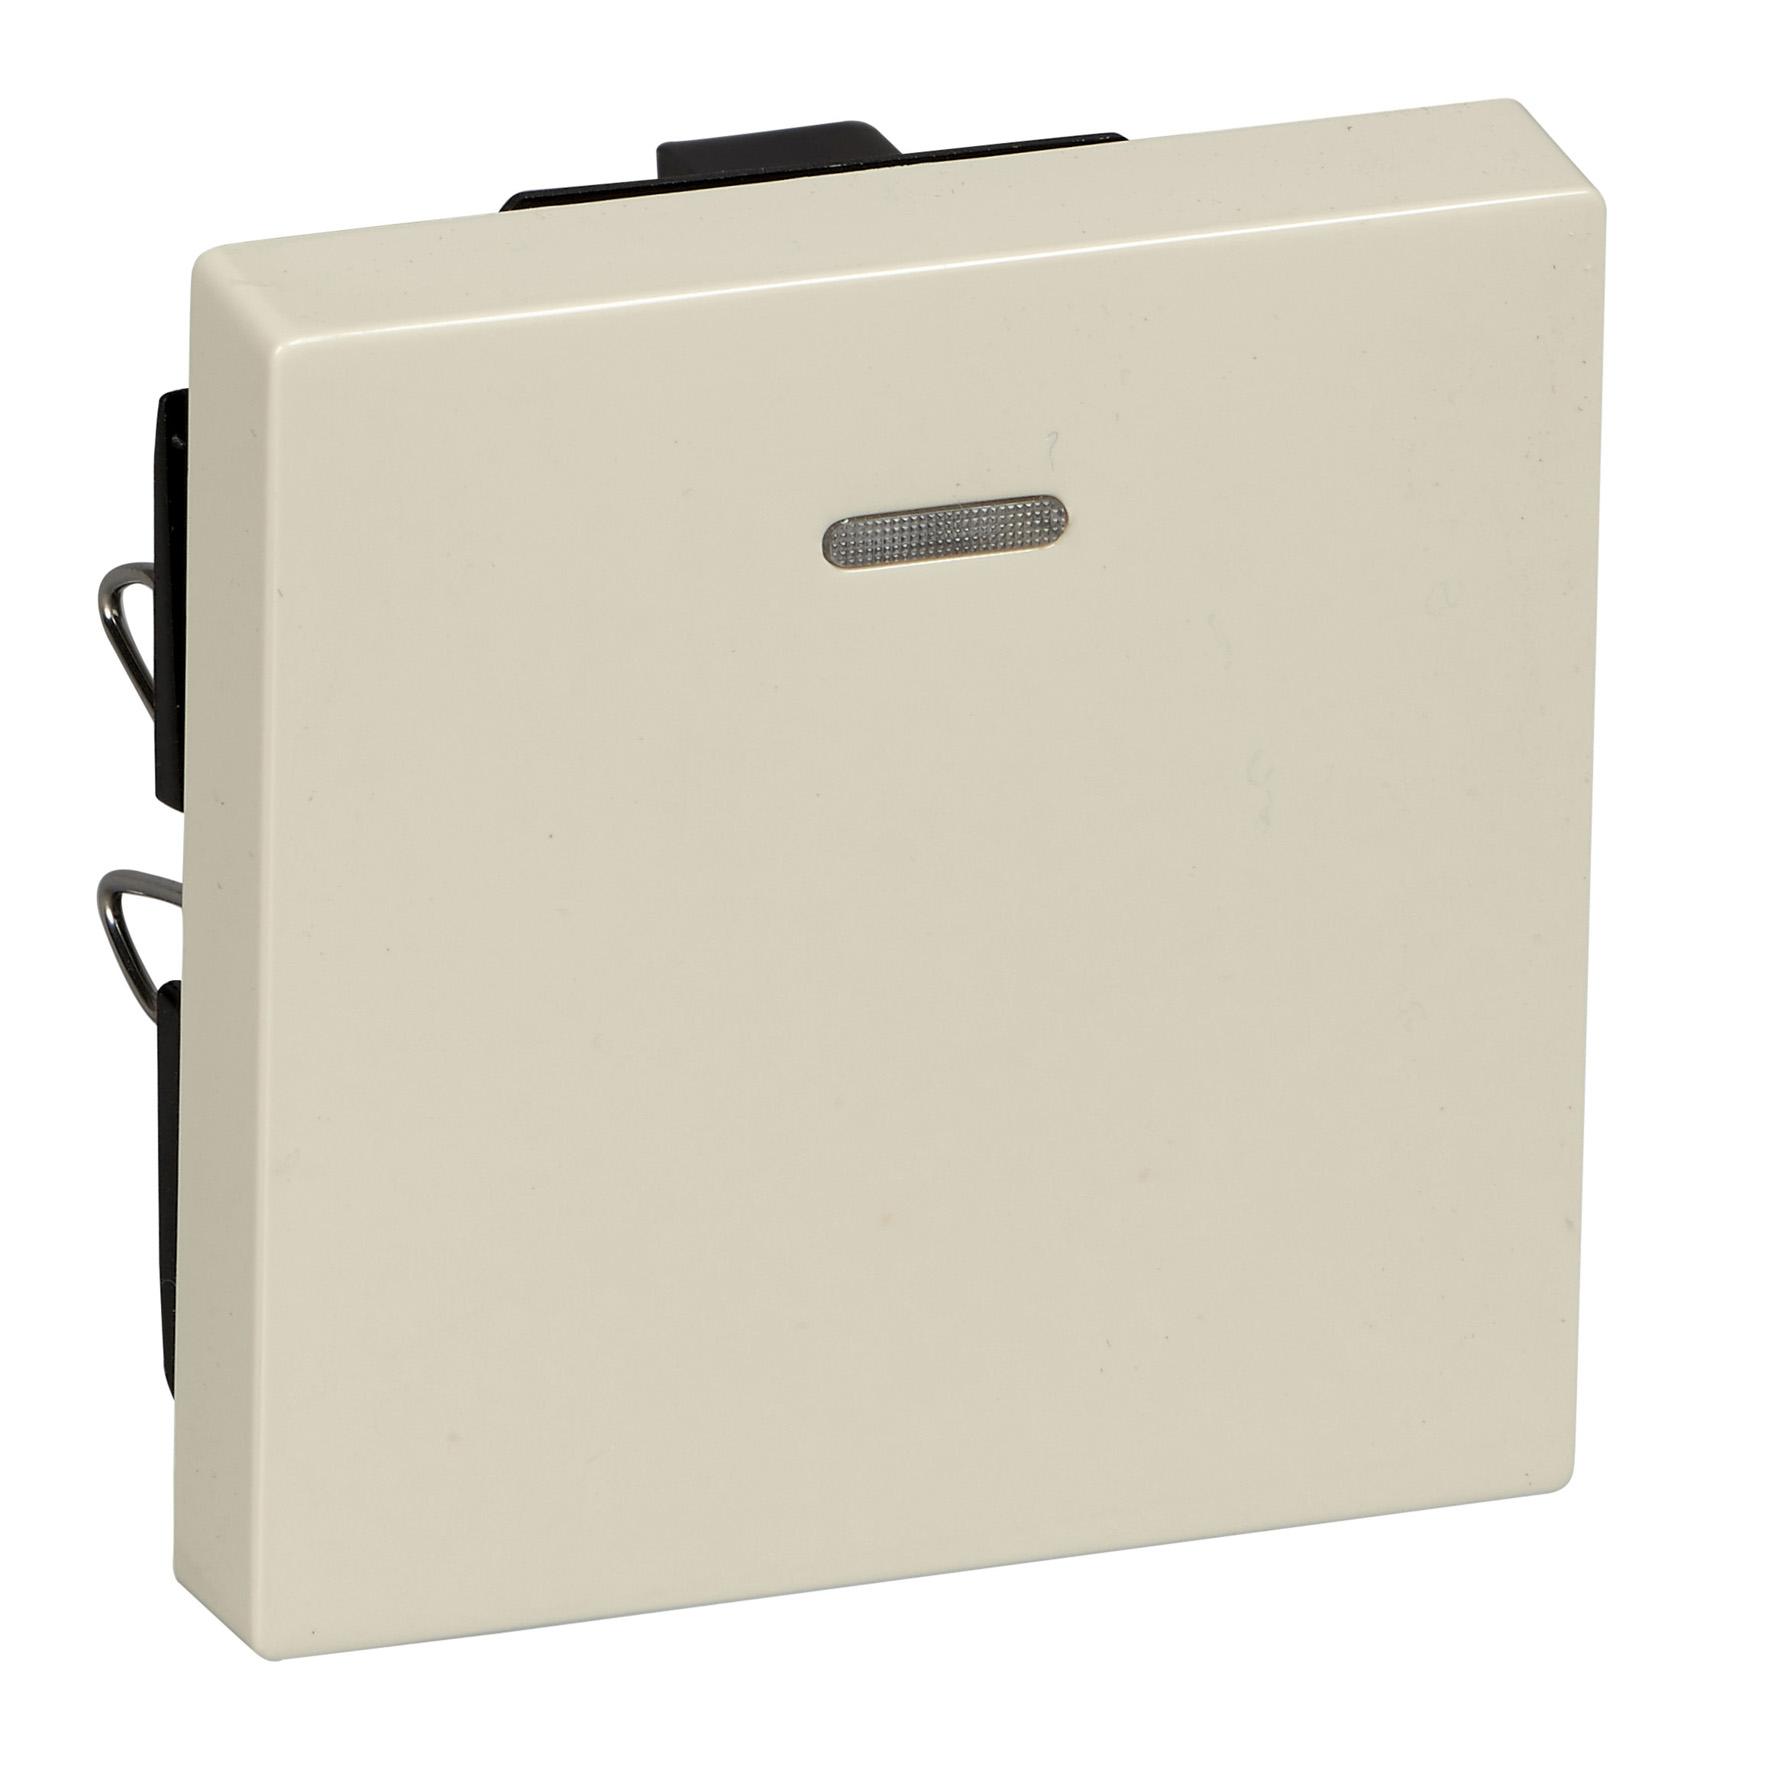 Schneider-Merten systeem M wip met controlevenster - wit glanzend (MTN436044)